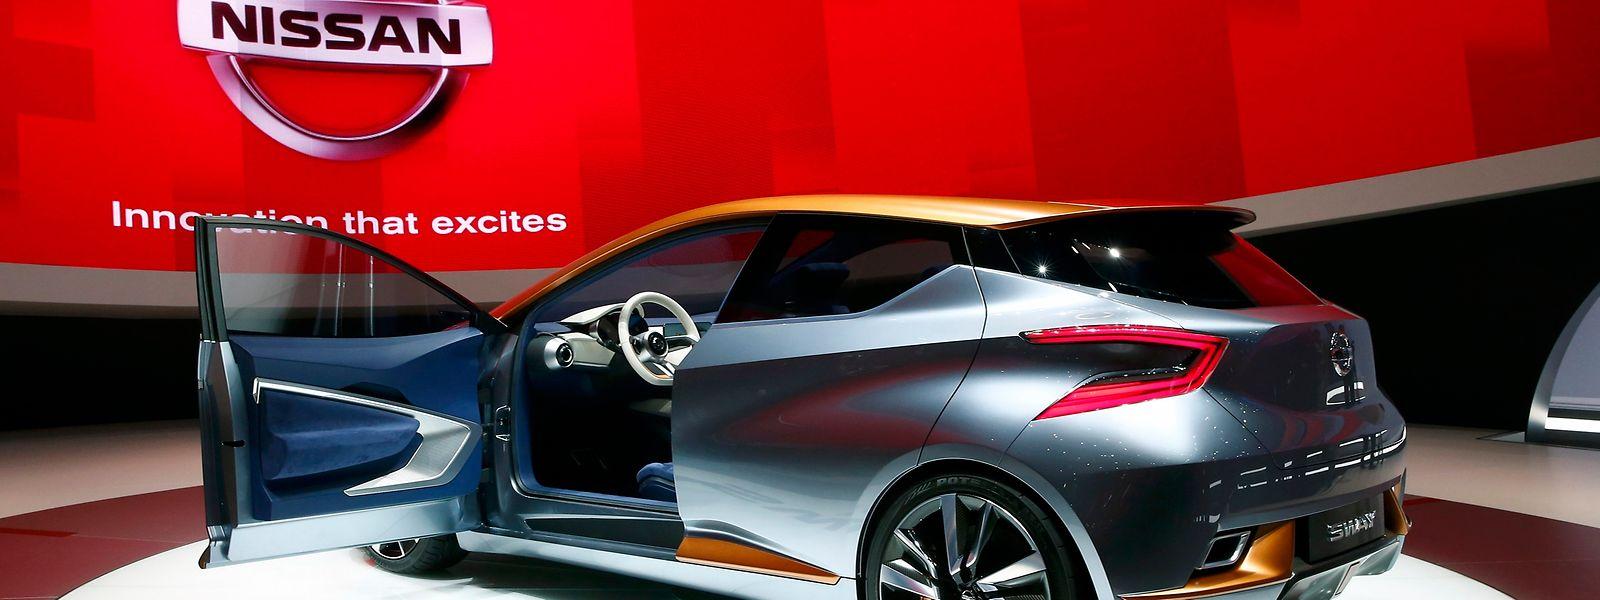 Le groupe Nissan emploie actuellement 139.000 collaborateurs dans le monde.